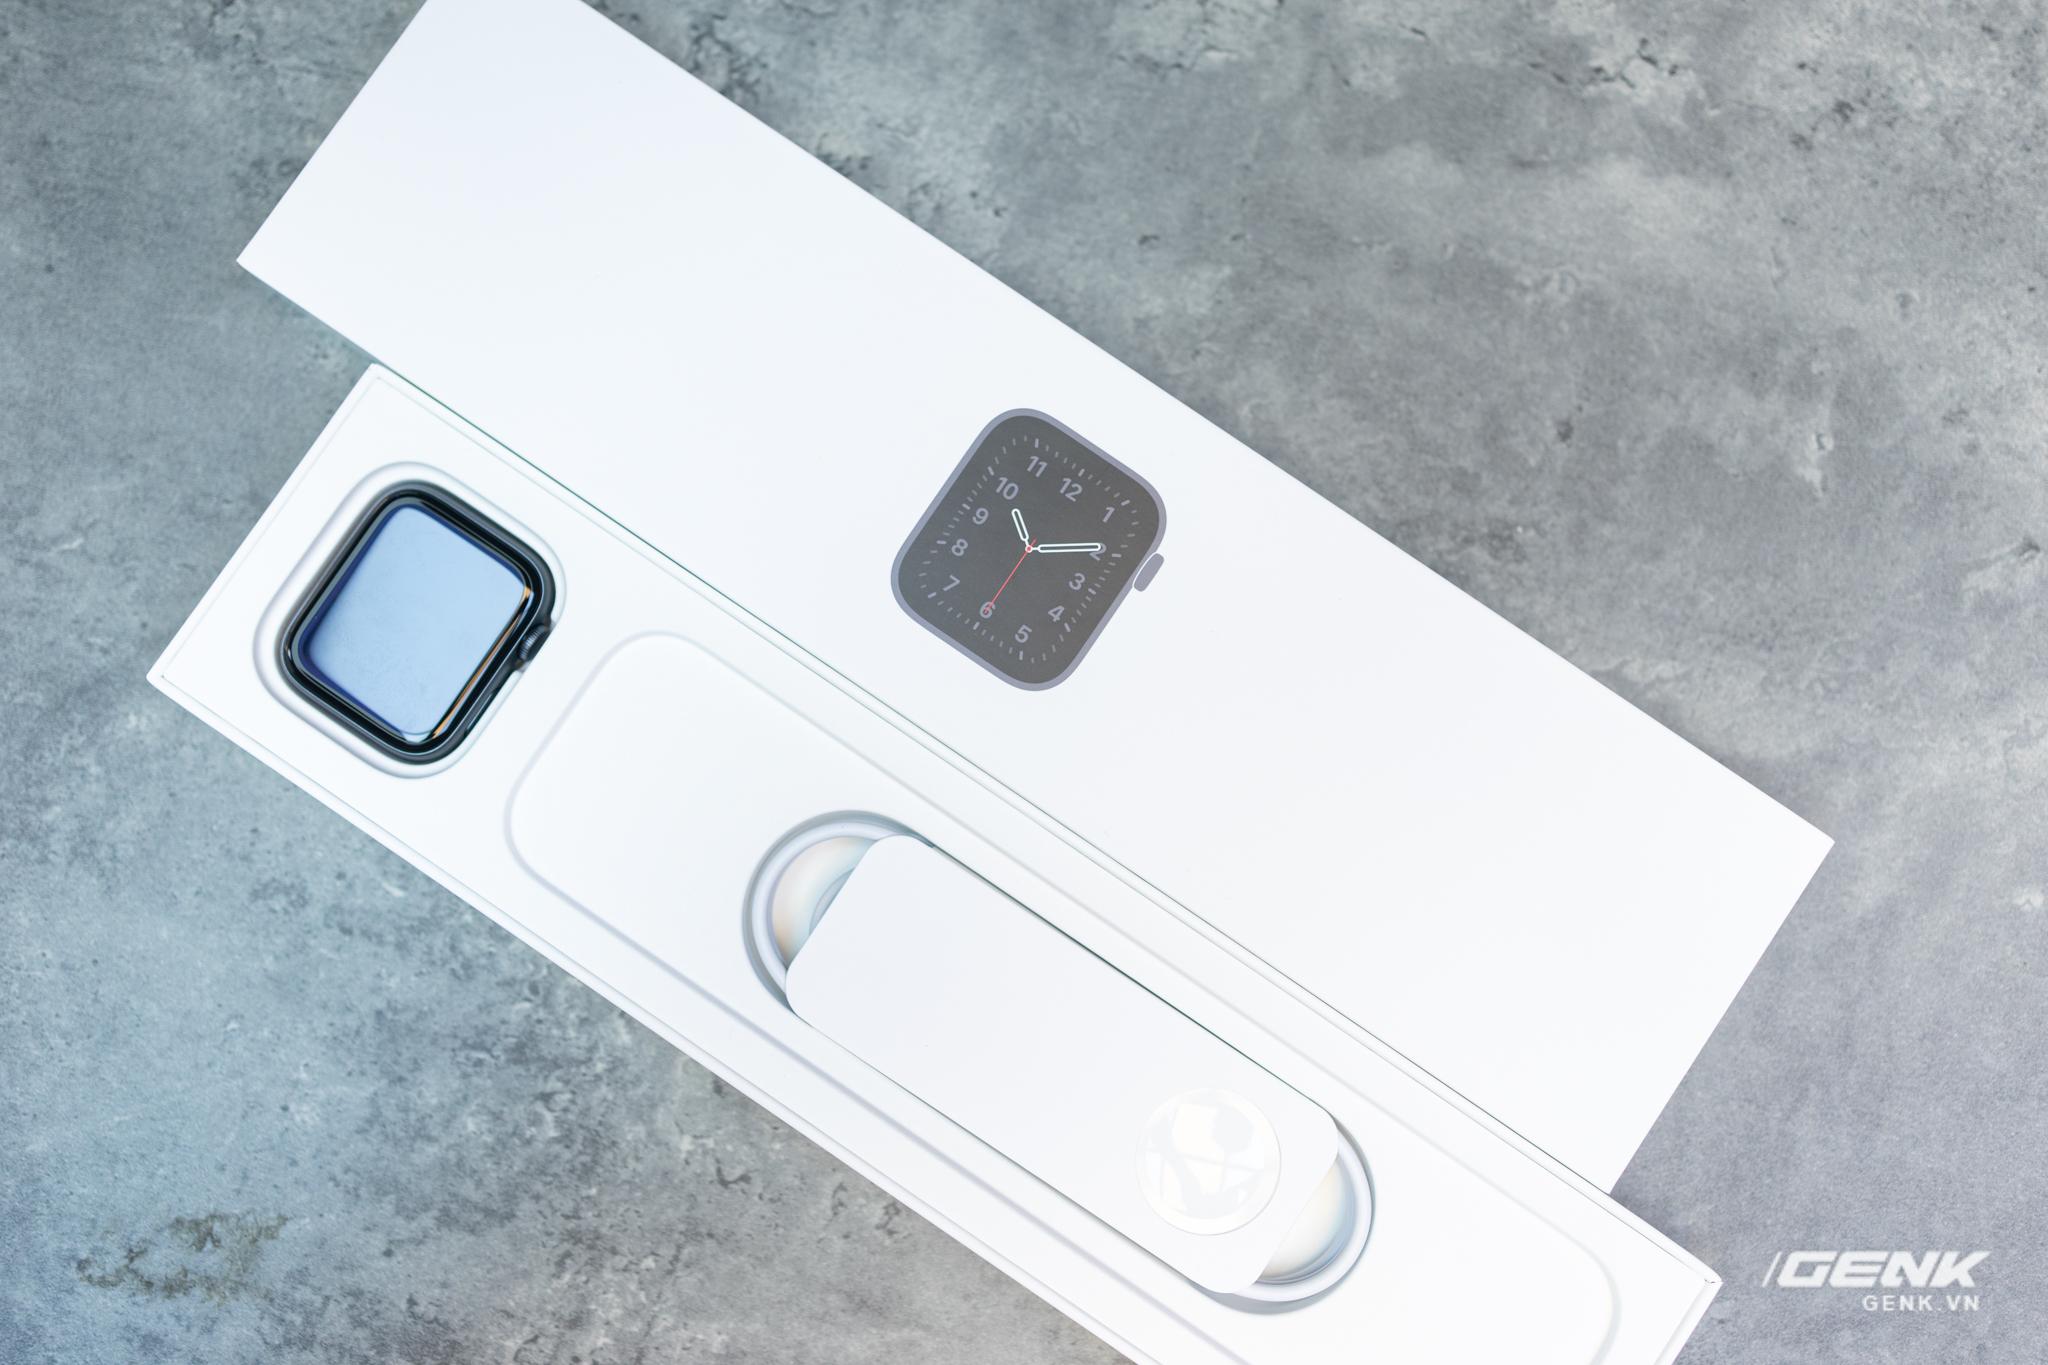 Trên tay Apple Watch SE: Apple Watch giá rẻ liệu có thực sự rẻ? - Ảnh 2.